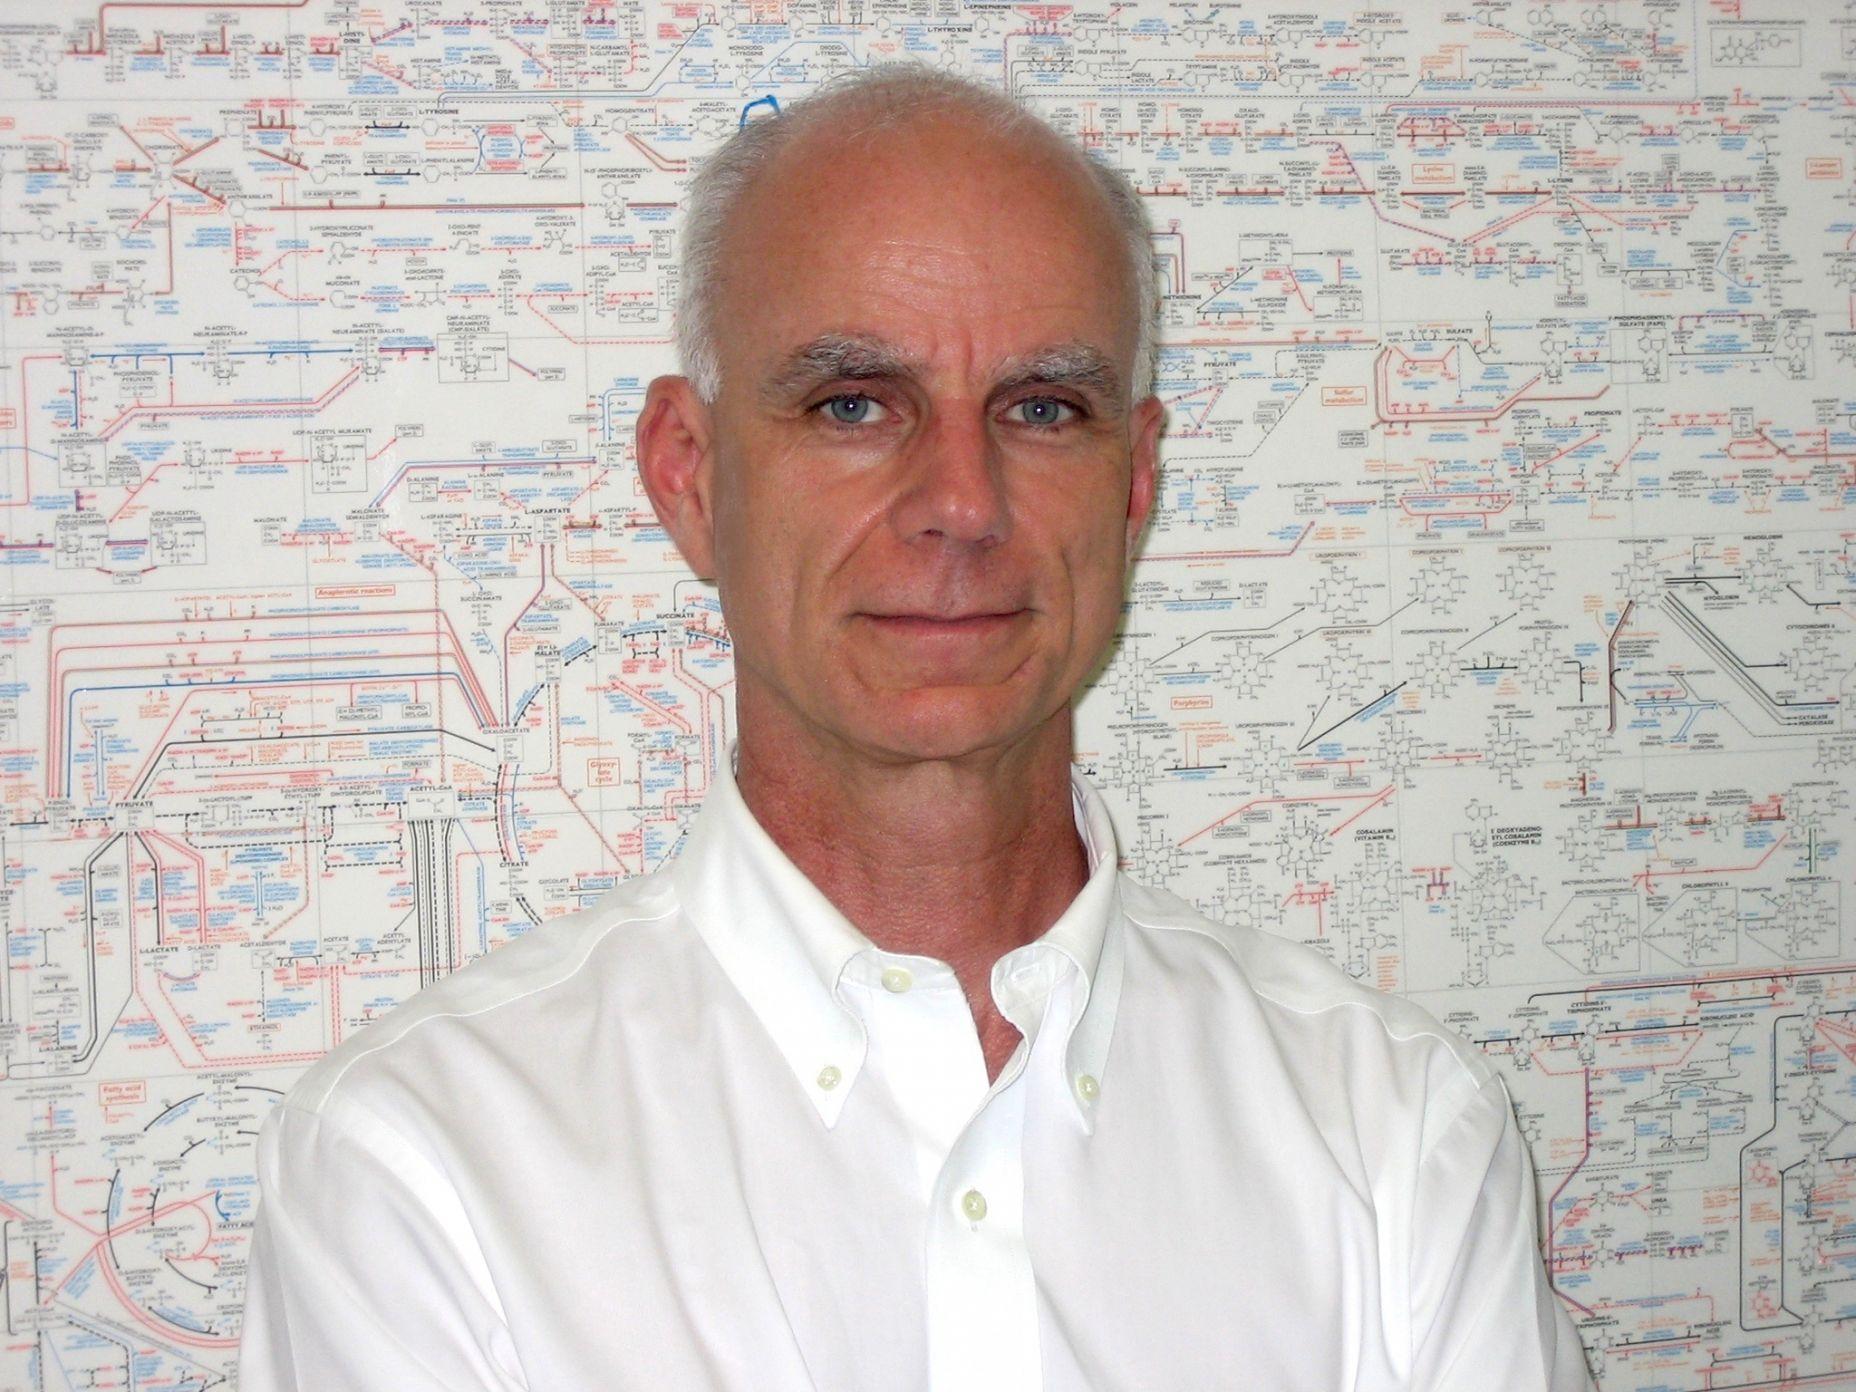 David Dodds